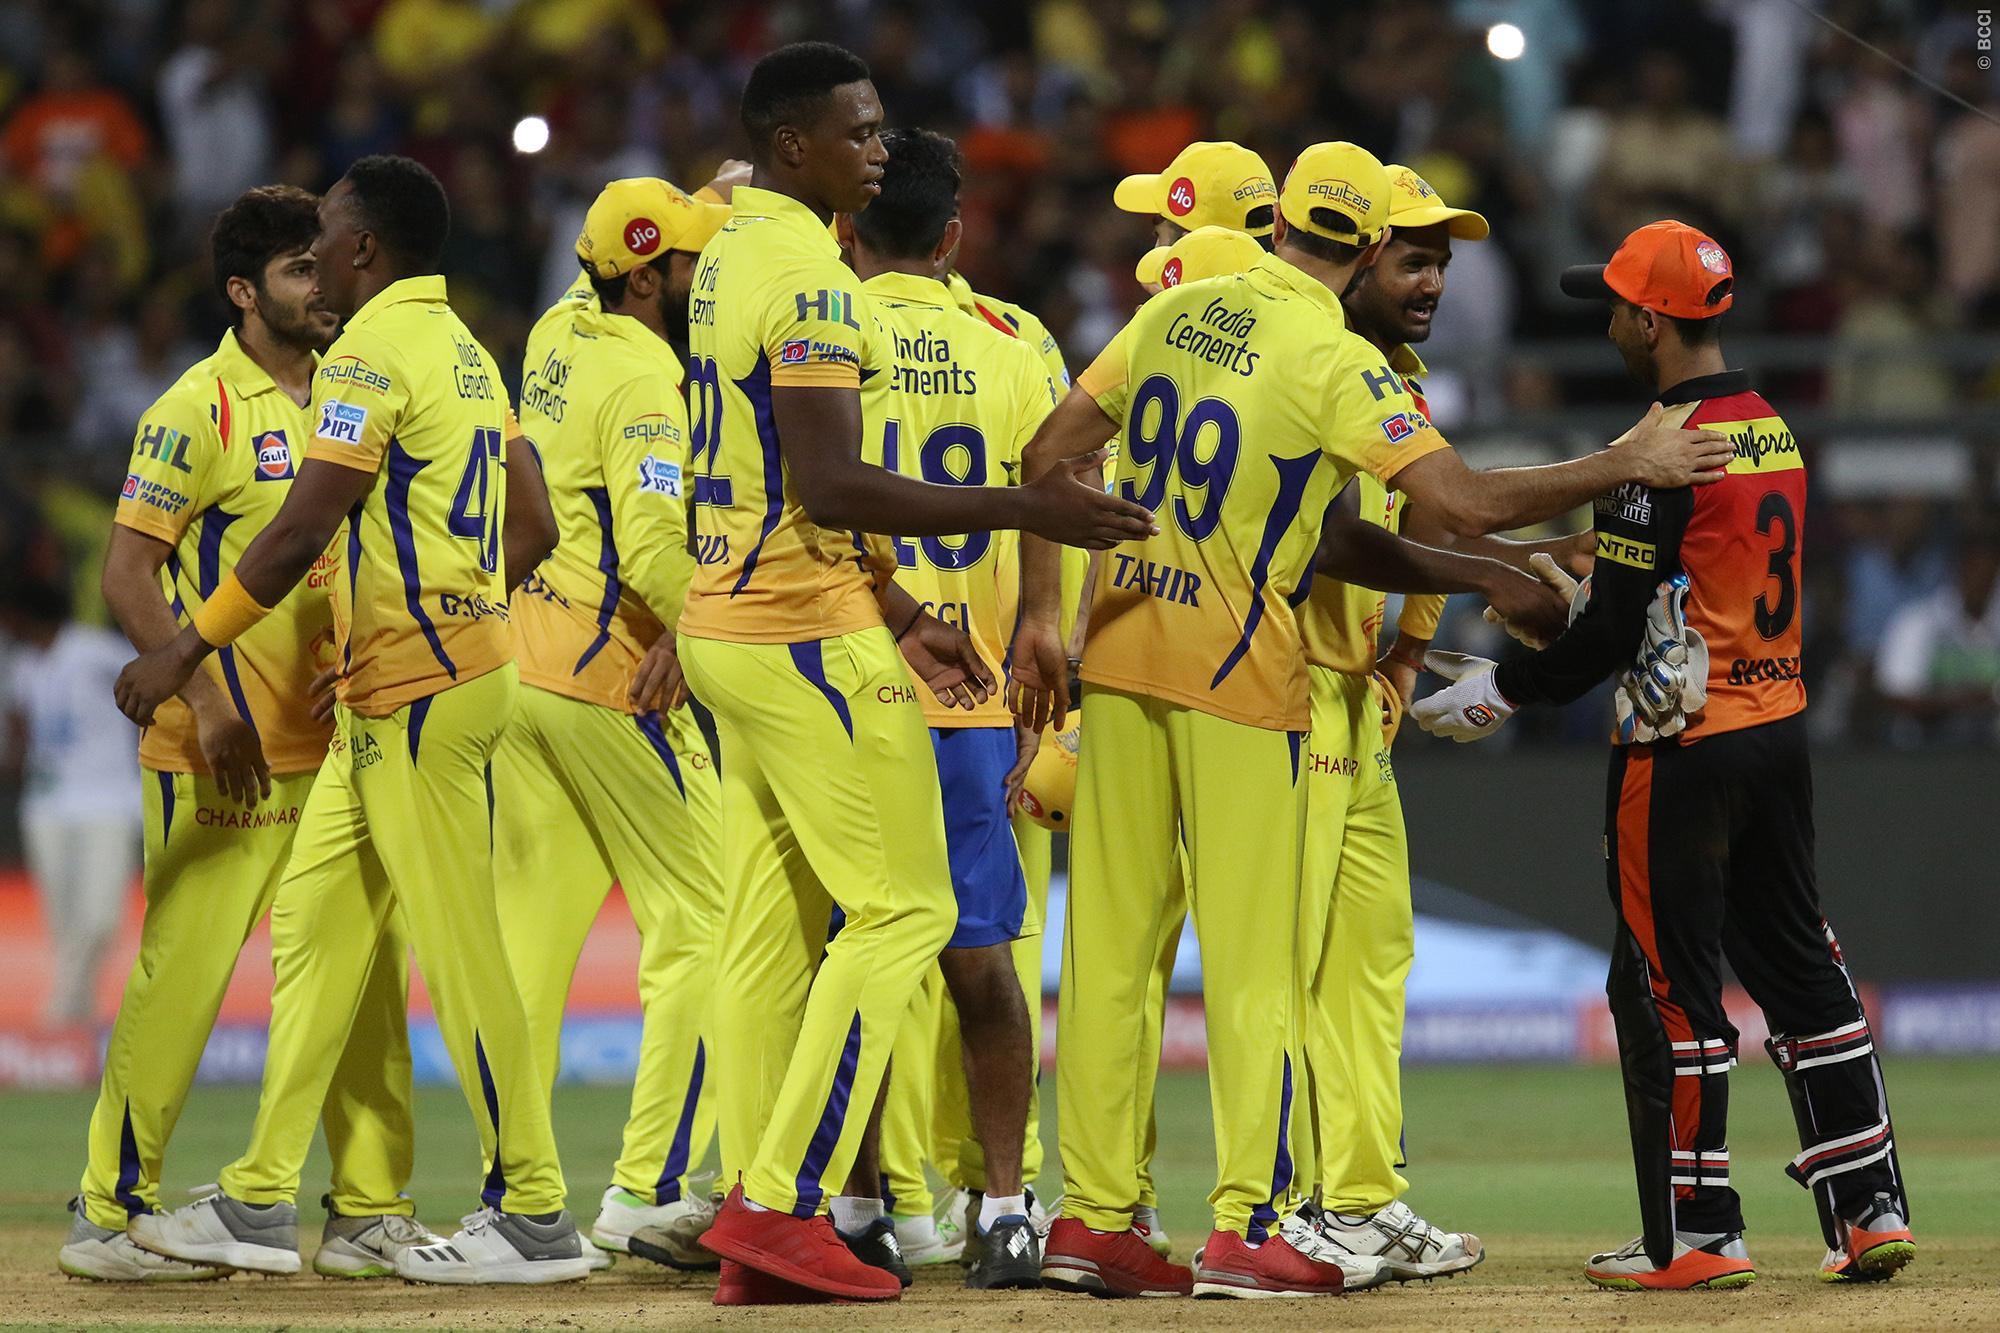 आईपीएल फाइनल- चेन्नई सुपर किंग्स की जीत के बाद इंग्लैंड के कप्तान ने धोनी और कोच फ्लेमिंग को दिया ये नया नाम